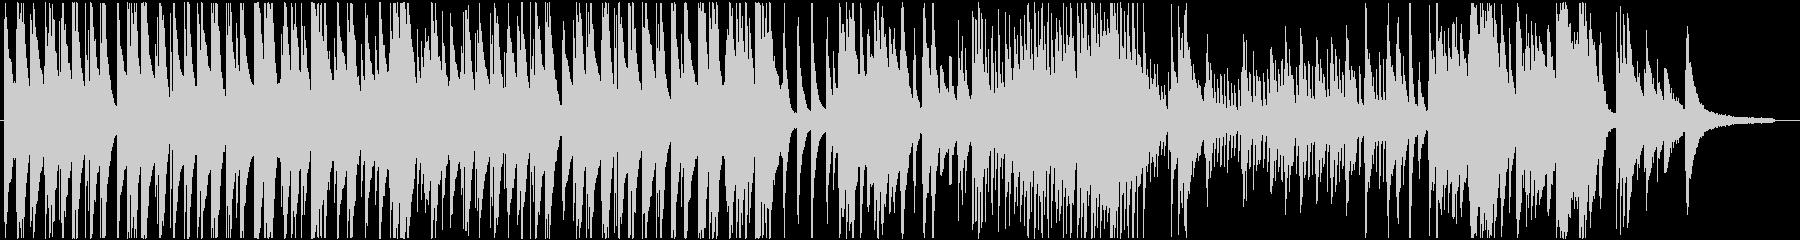 高音が美しい現代音楽的なピアノバラードの未再生の波形